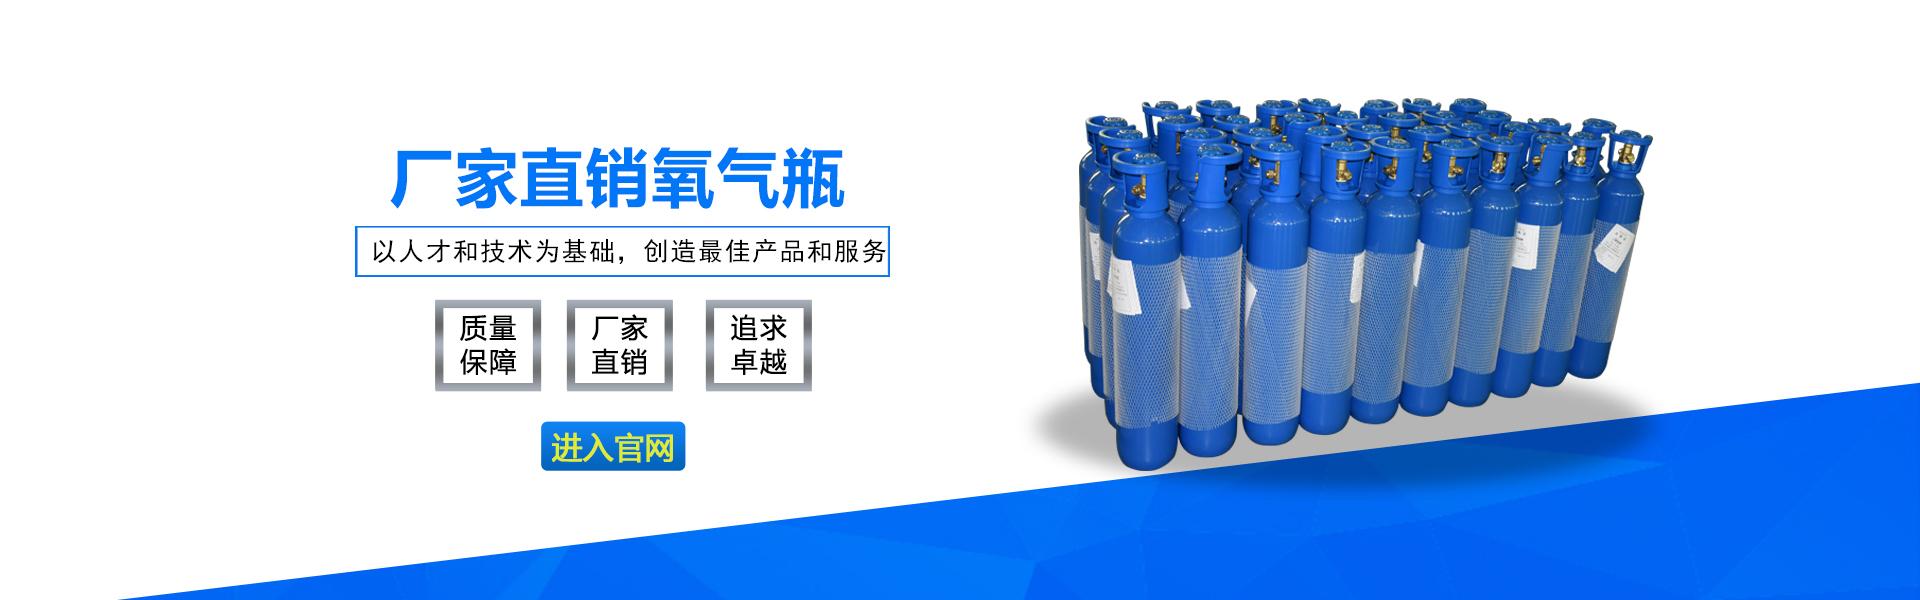 氧气瓶放置要求是怎样的你知道吗?